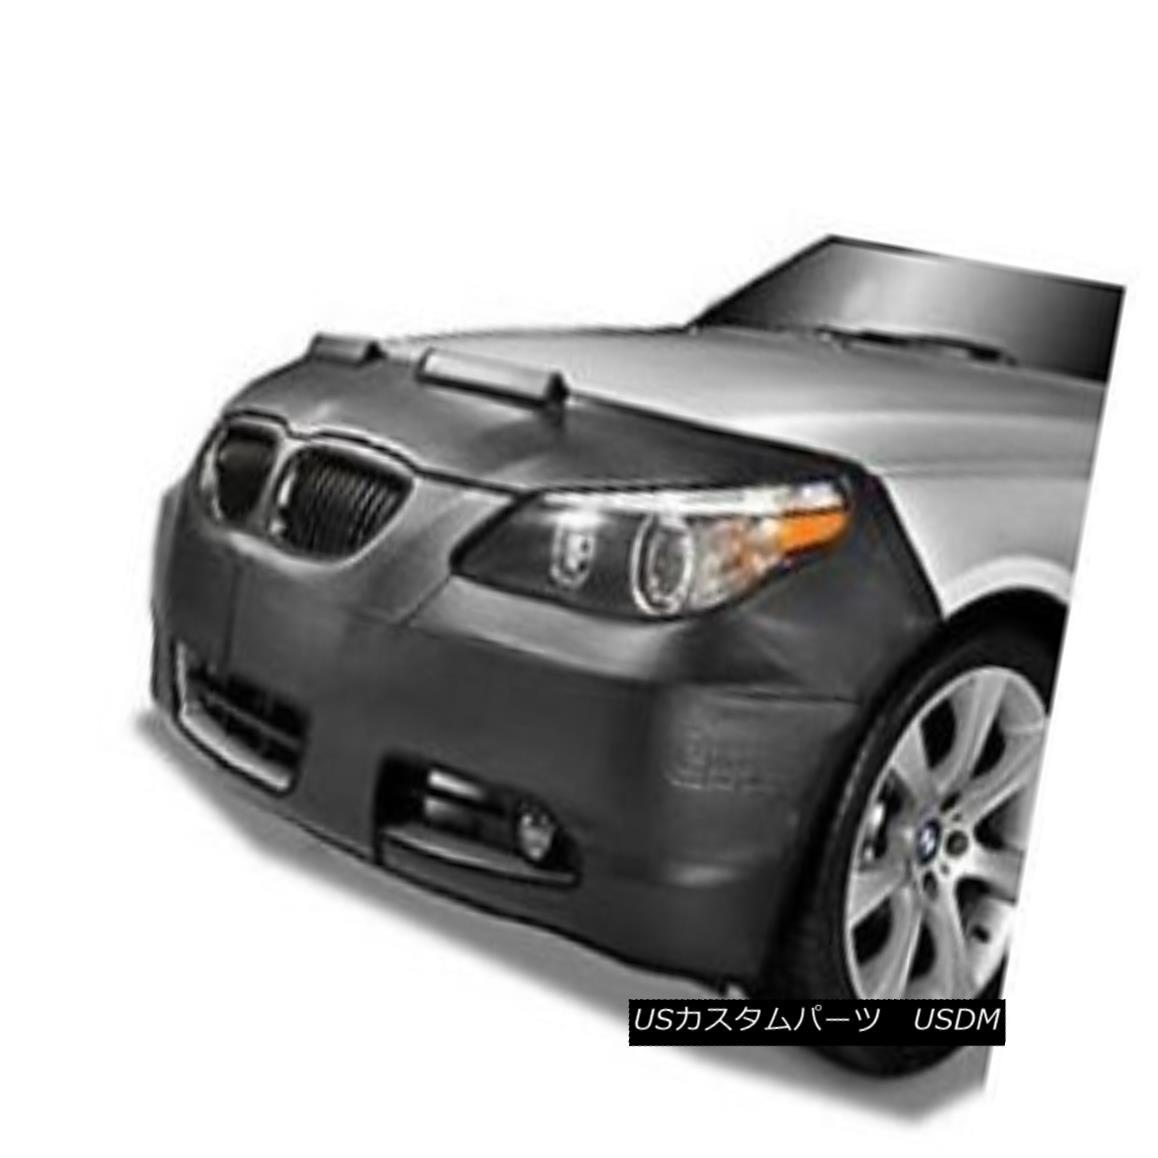 フルブラ ノーズブラ Colgan Front End Mask Bra 2pc. Fits BMW X3 2011-2014 W/O Frt. Plate, W/O Senser. コルガンフロントエンドマスクブラ2pc BMW X3 2011-2014 W / O Frtに適合します。 プレート、W / Oセンサー。